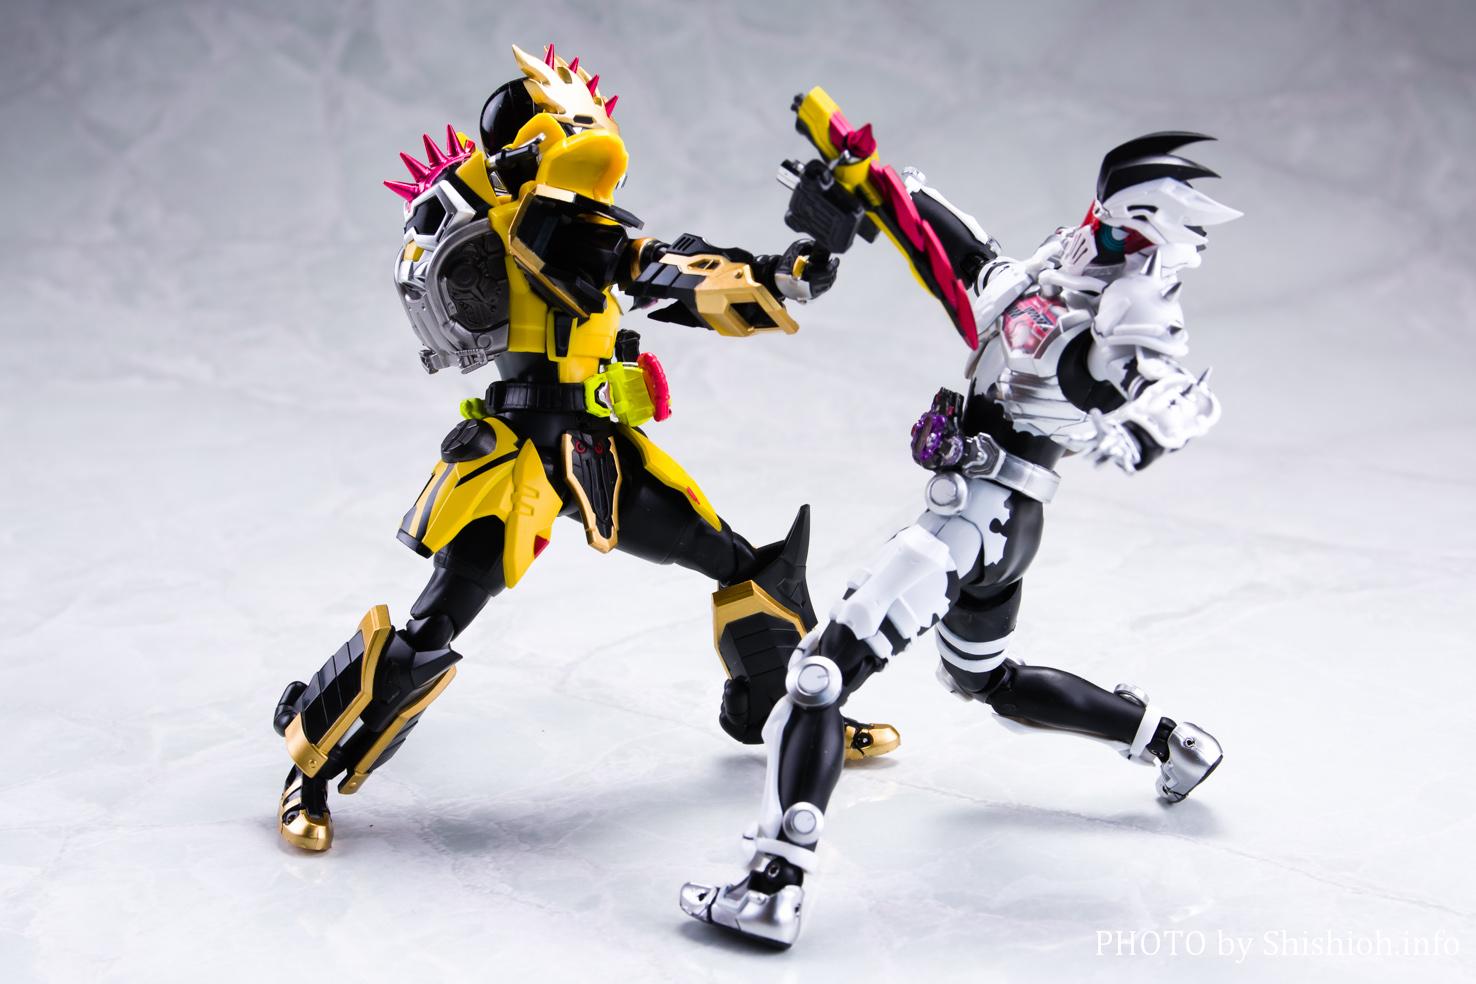 S.H.Figuarts 仮面ライダーレーザー チャンバラバイクゲーマー レベル3